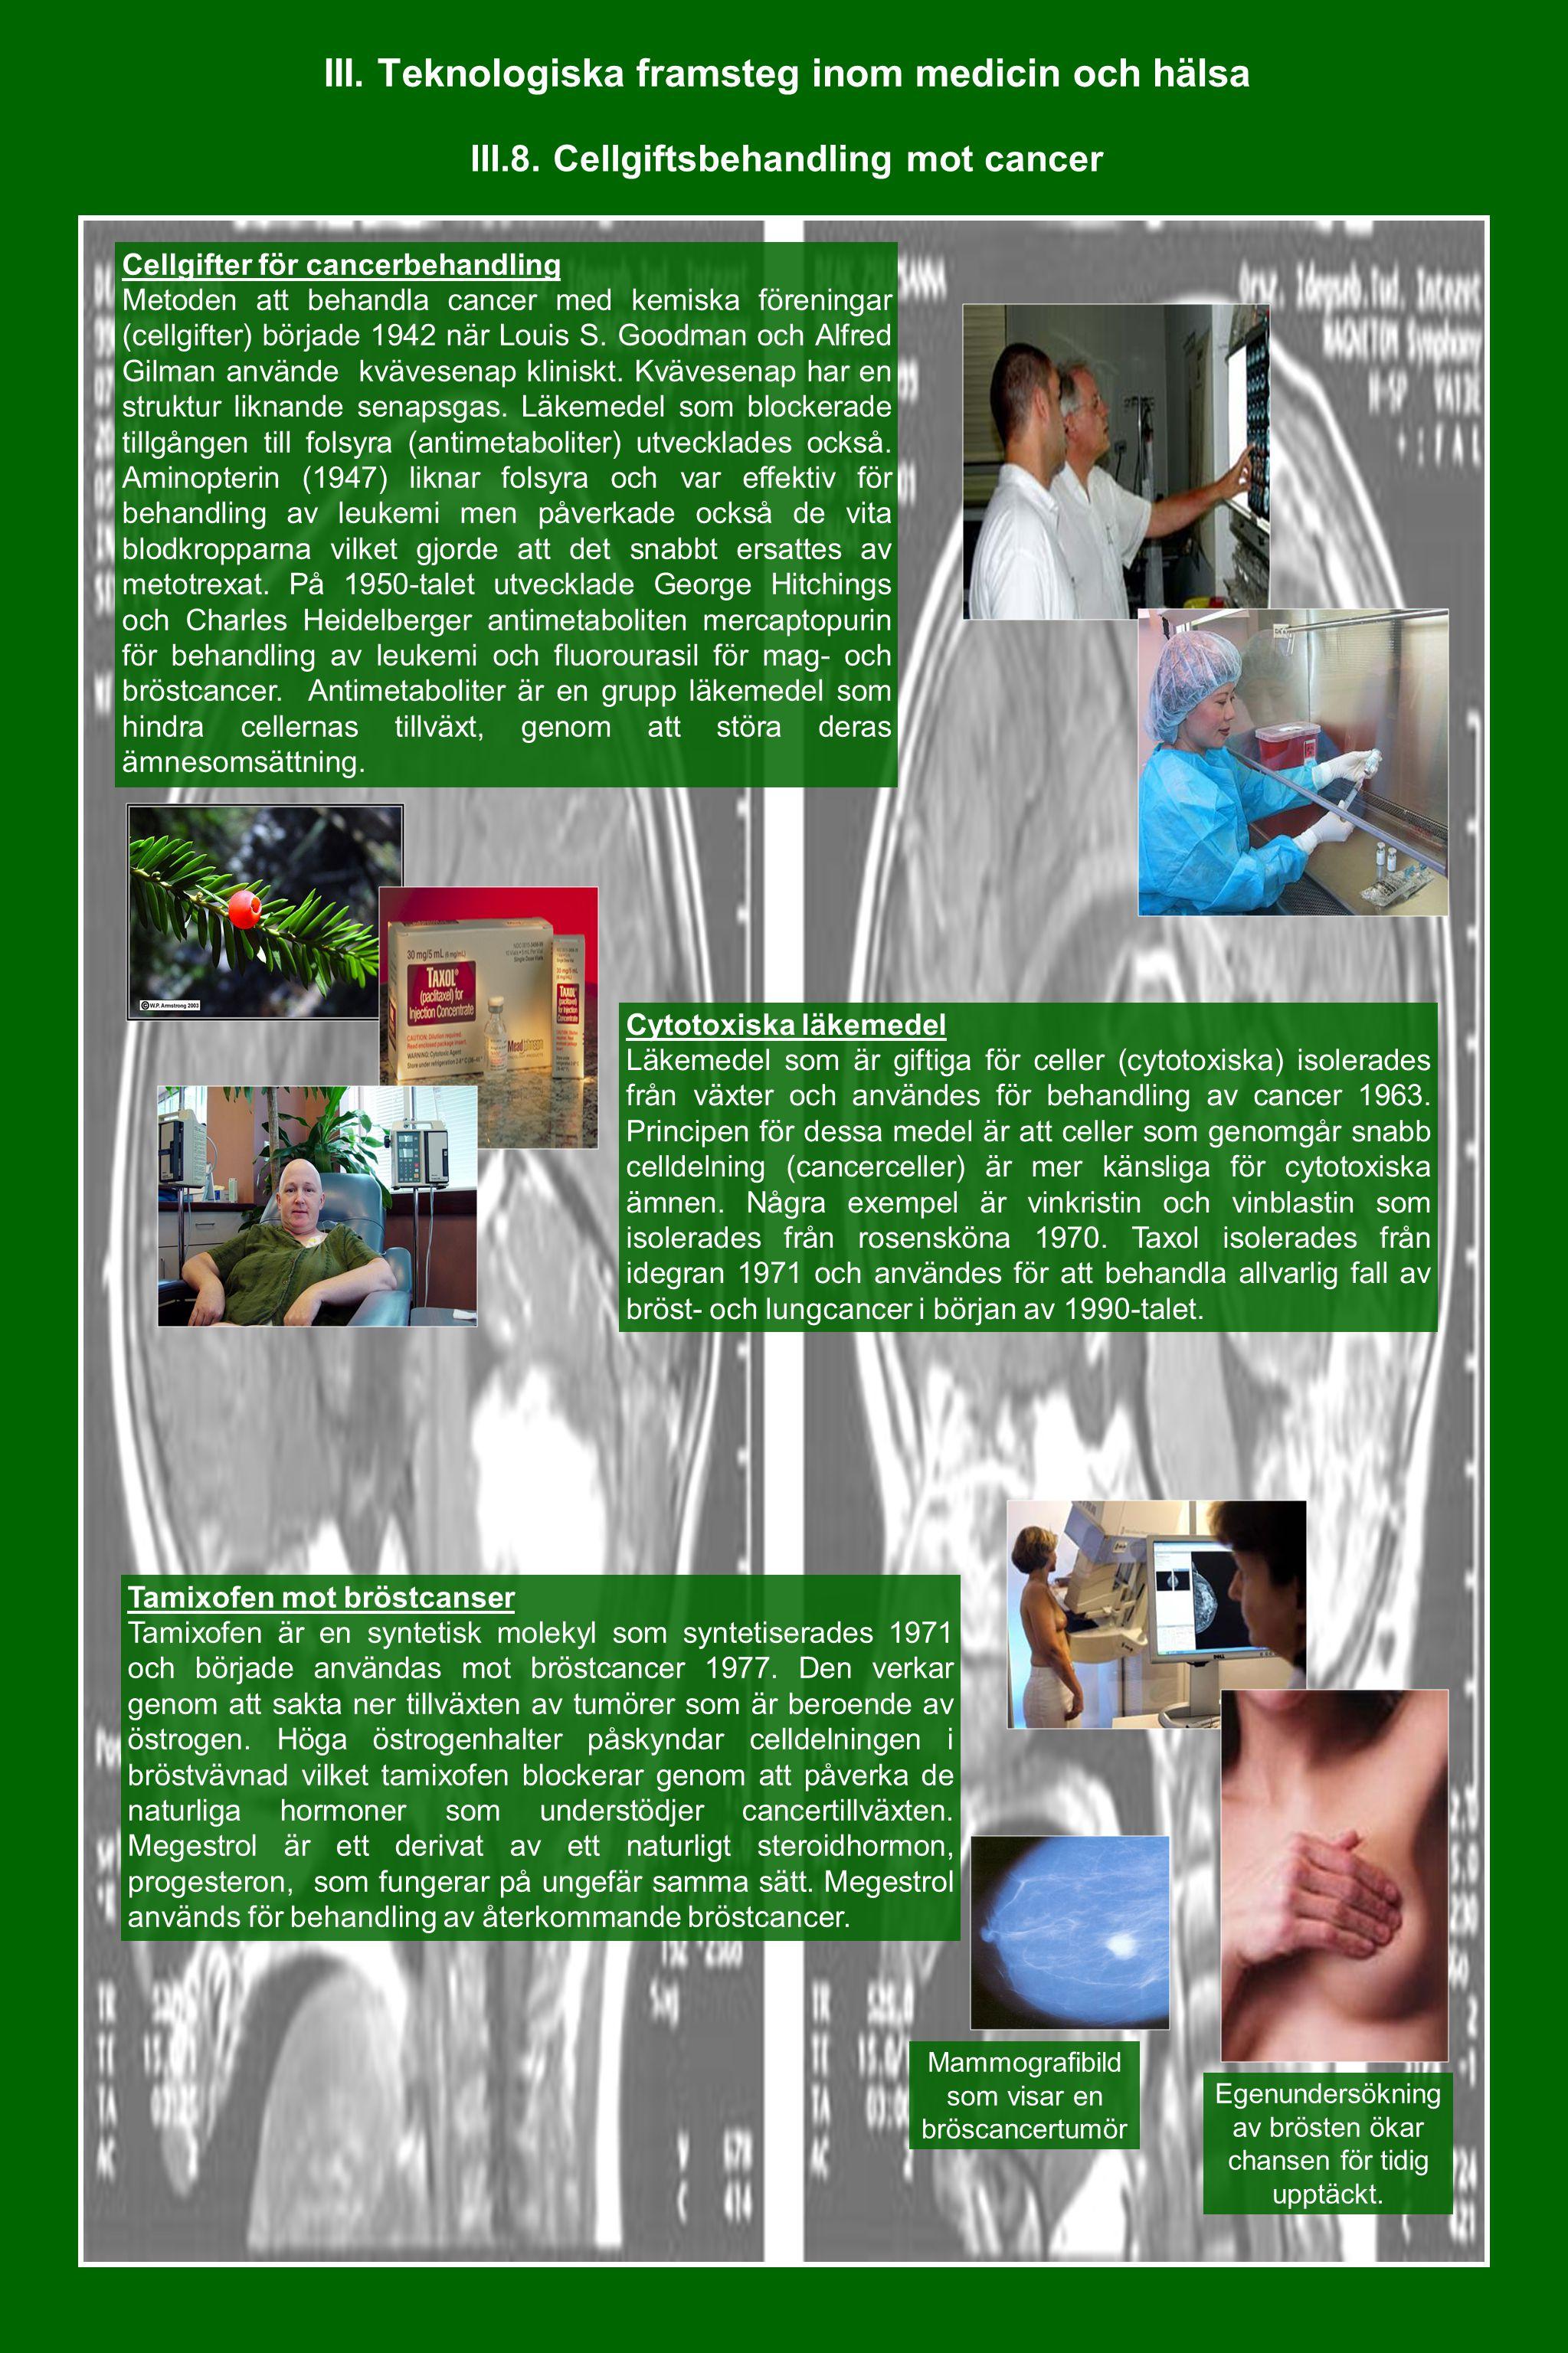 III. Teknologiska framsteg inom medicin och hälsa III.8. Cellgiftsbehandling mot cancer Cellgifter för cancerbehandling Metoden att behandla cancer me